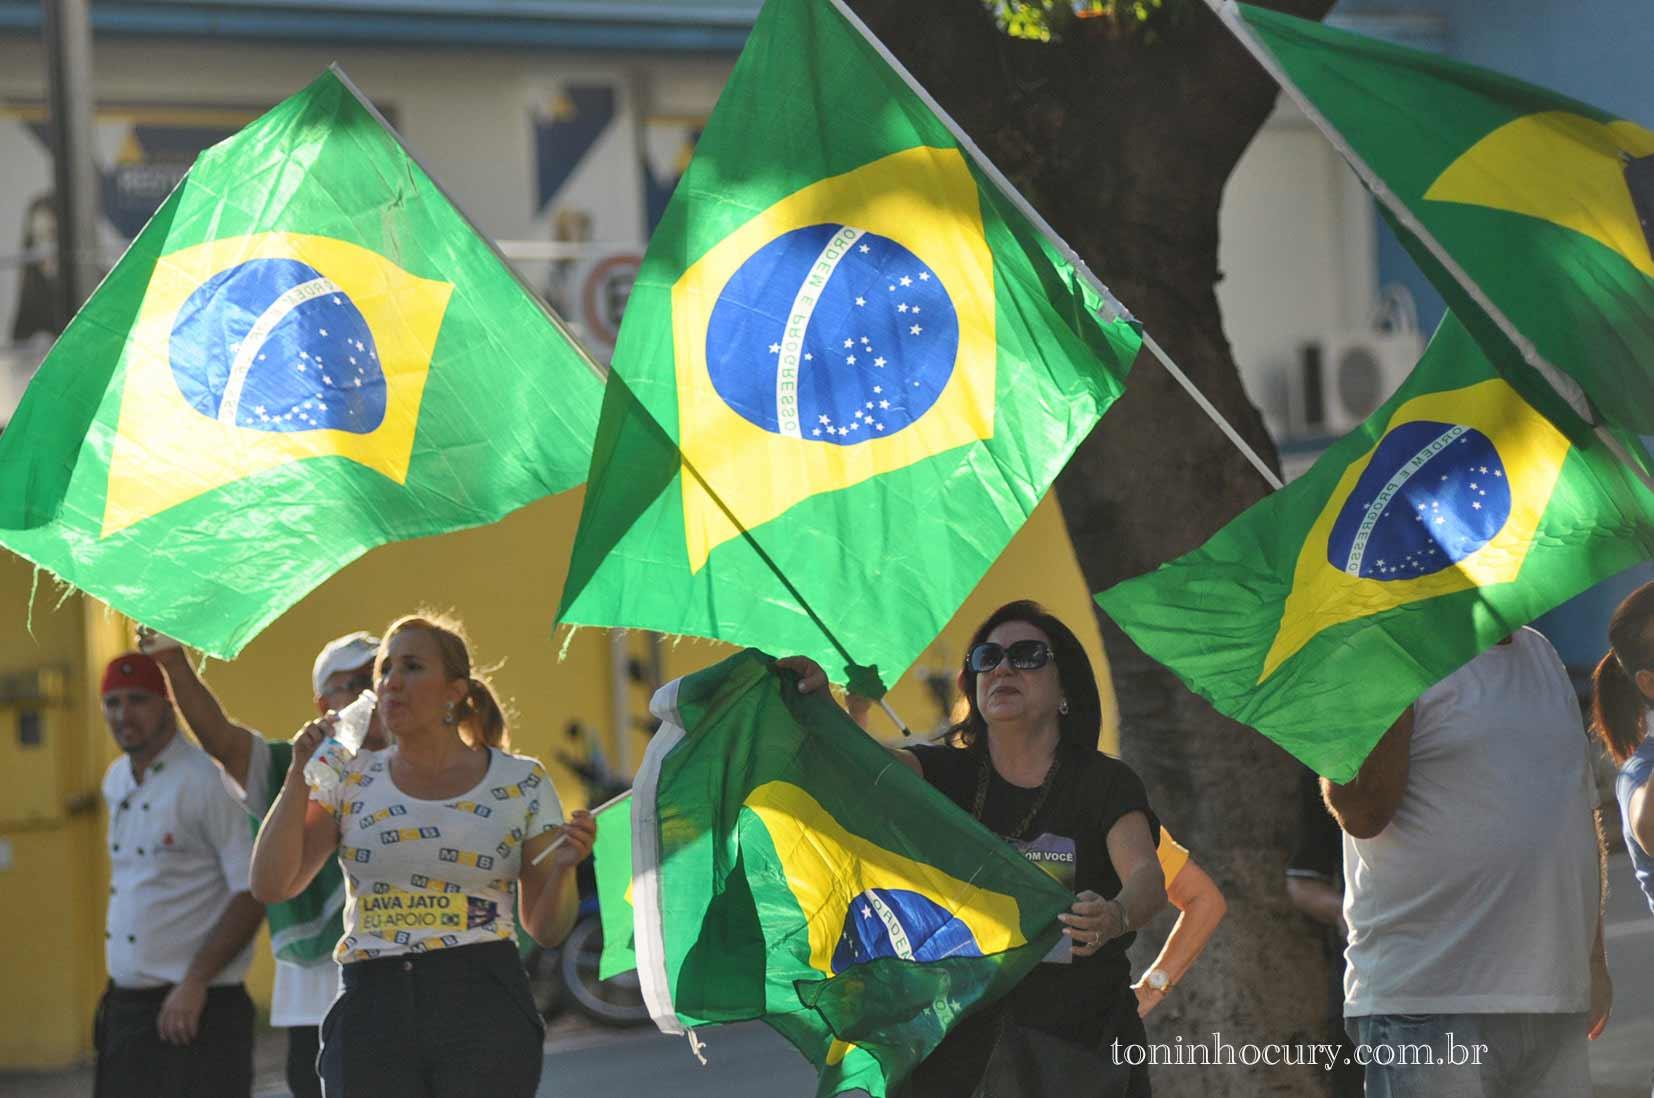 Brasil, que país é esse?